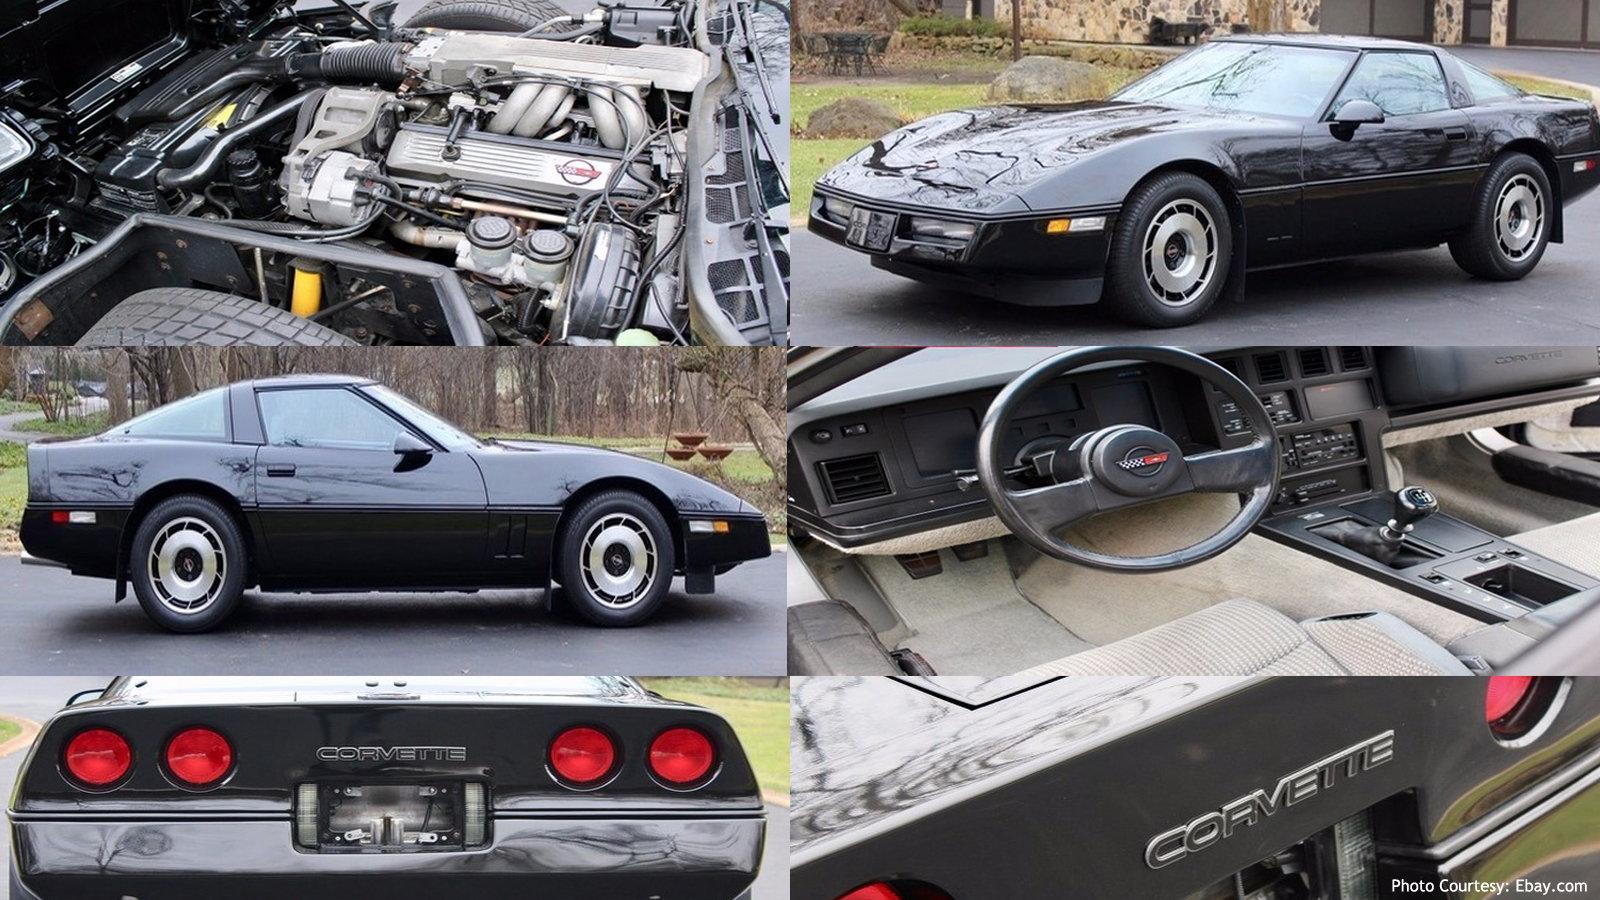 1985 C4 Chevrolet Corvette C4